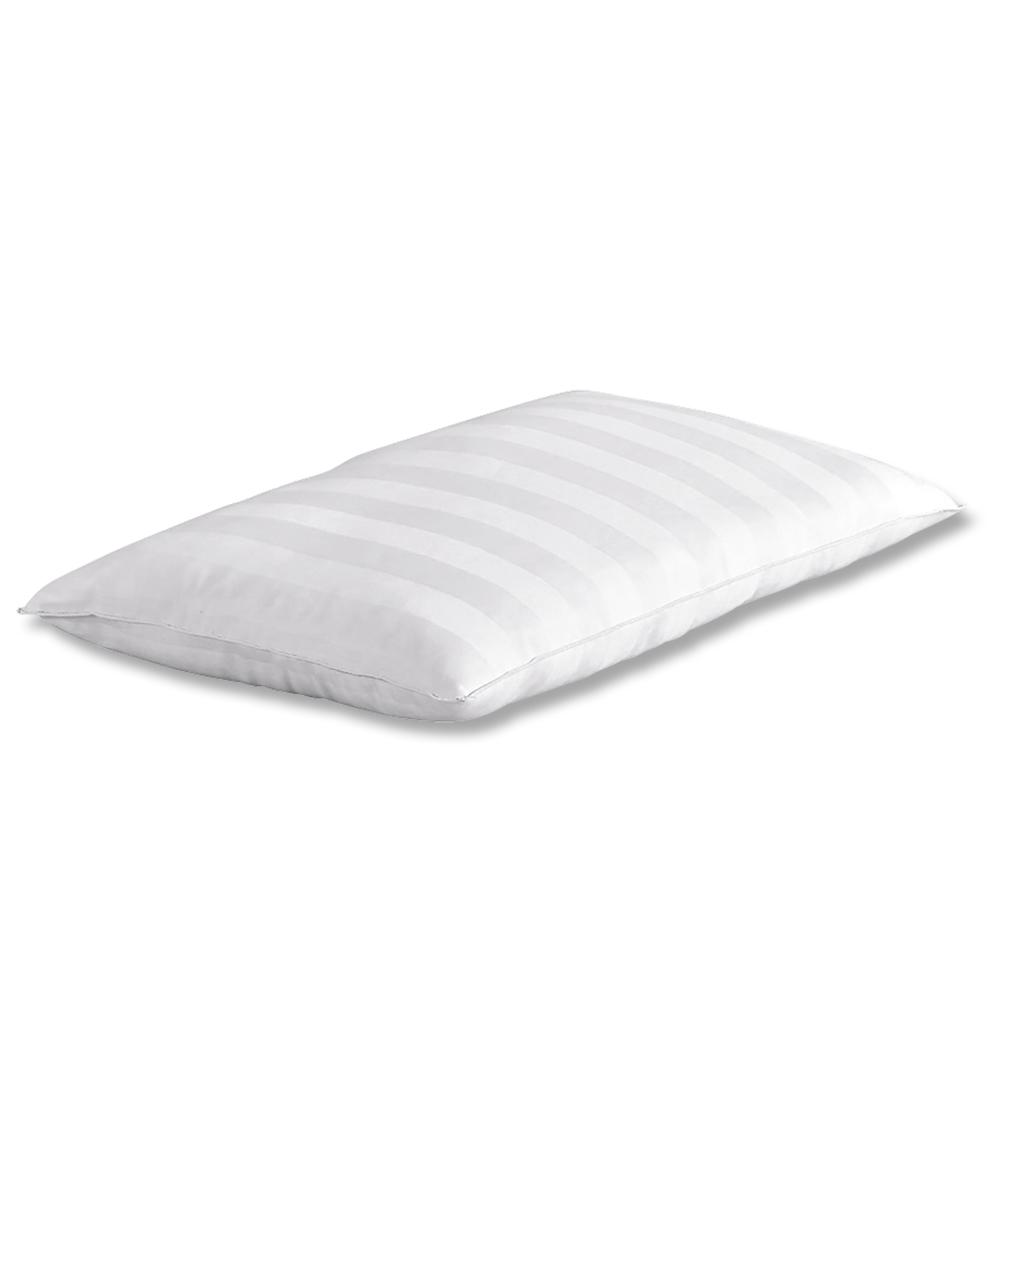 Cuscino con federa di raso di cotone comfort per lettino 30x50cm - Giordani